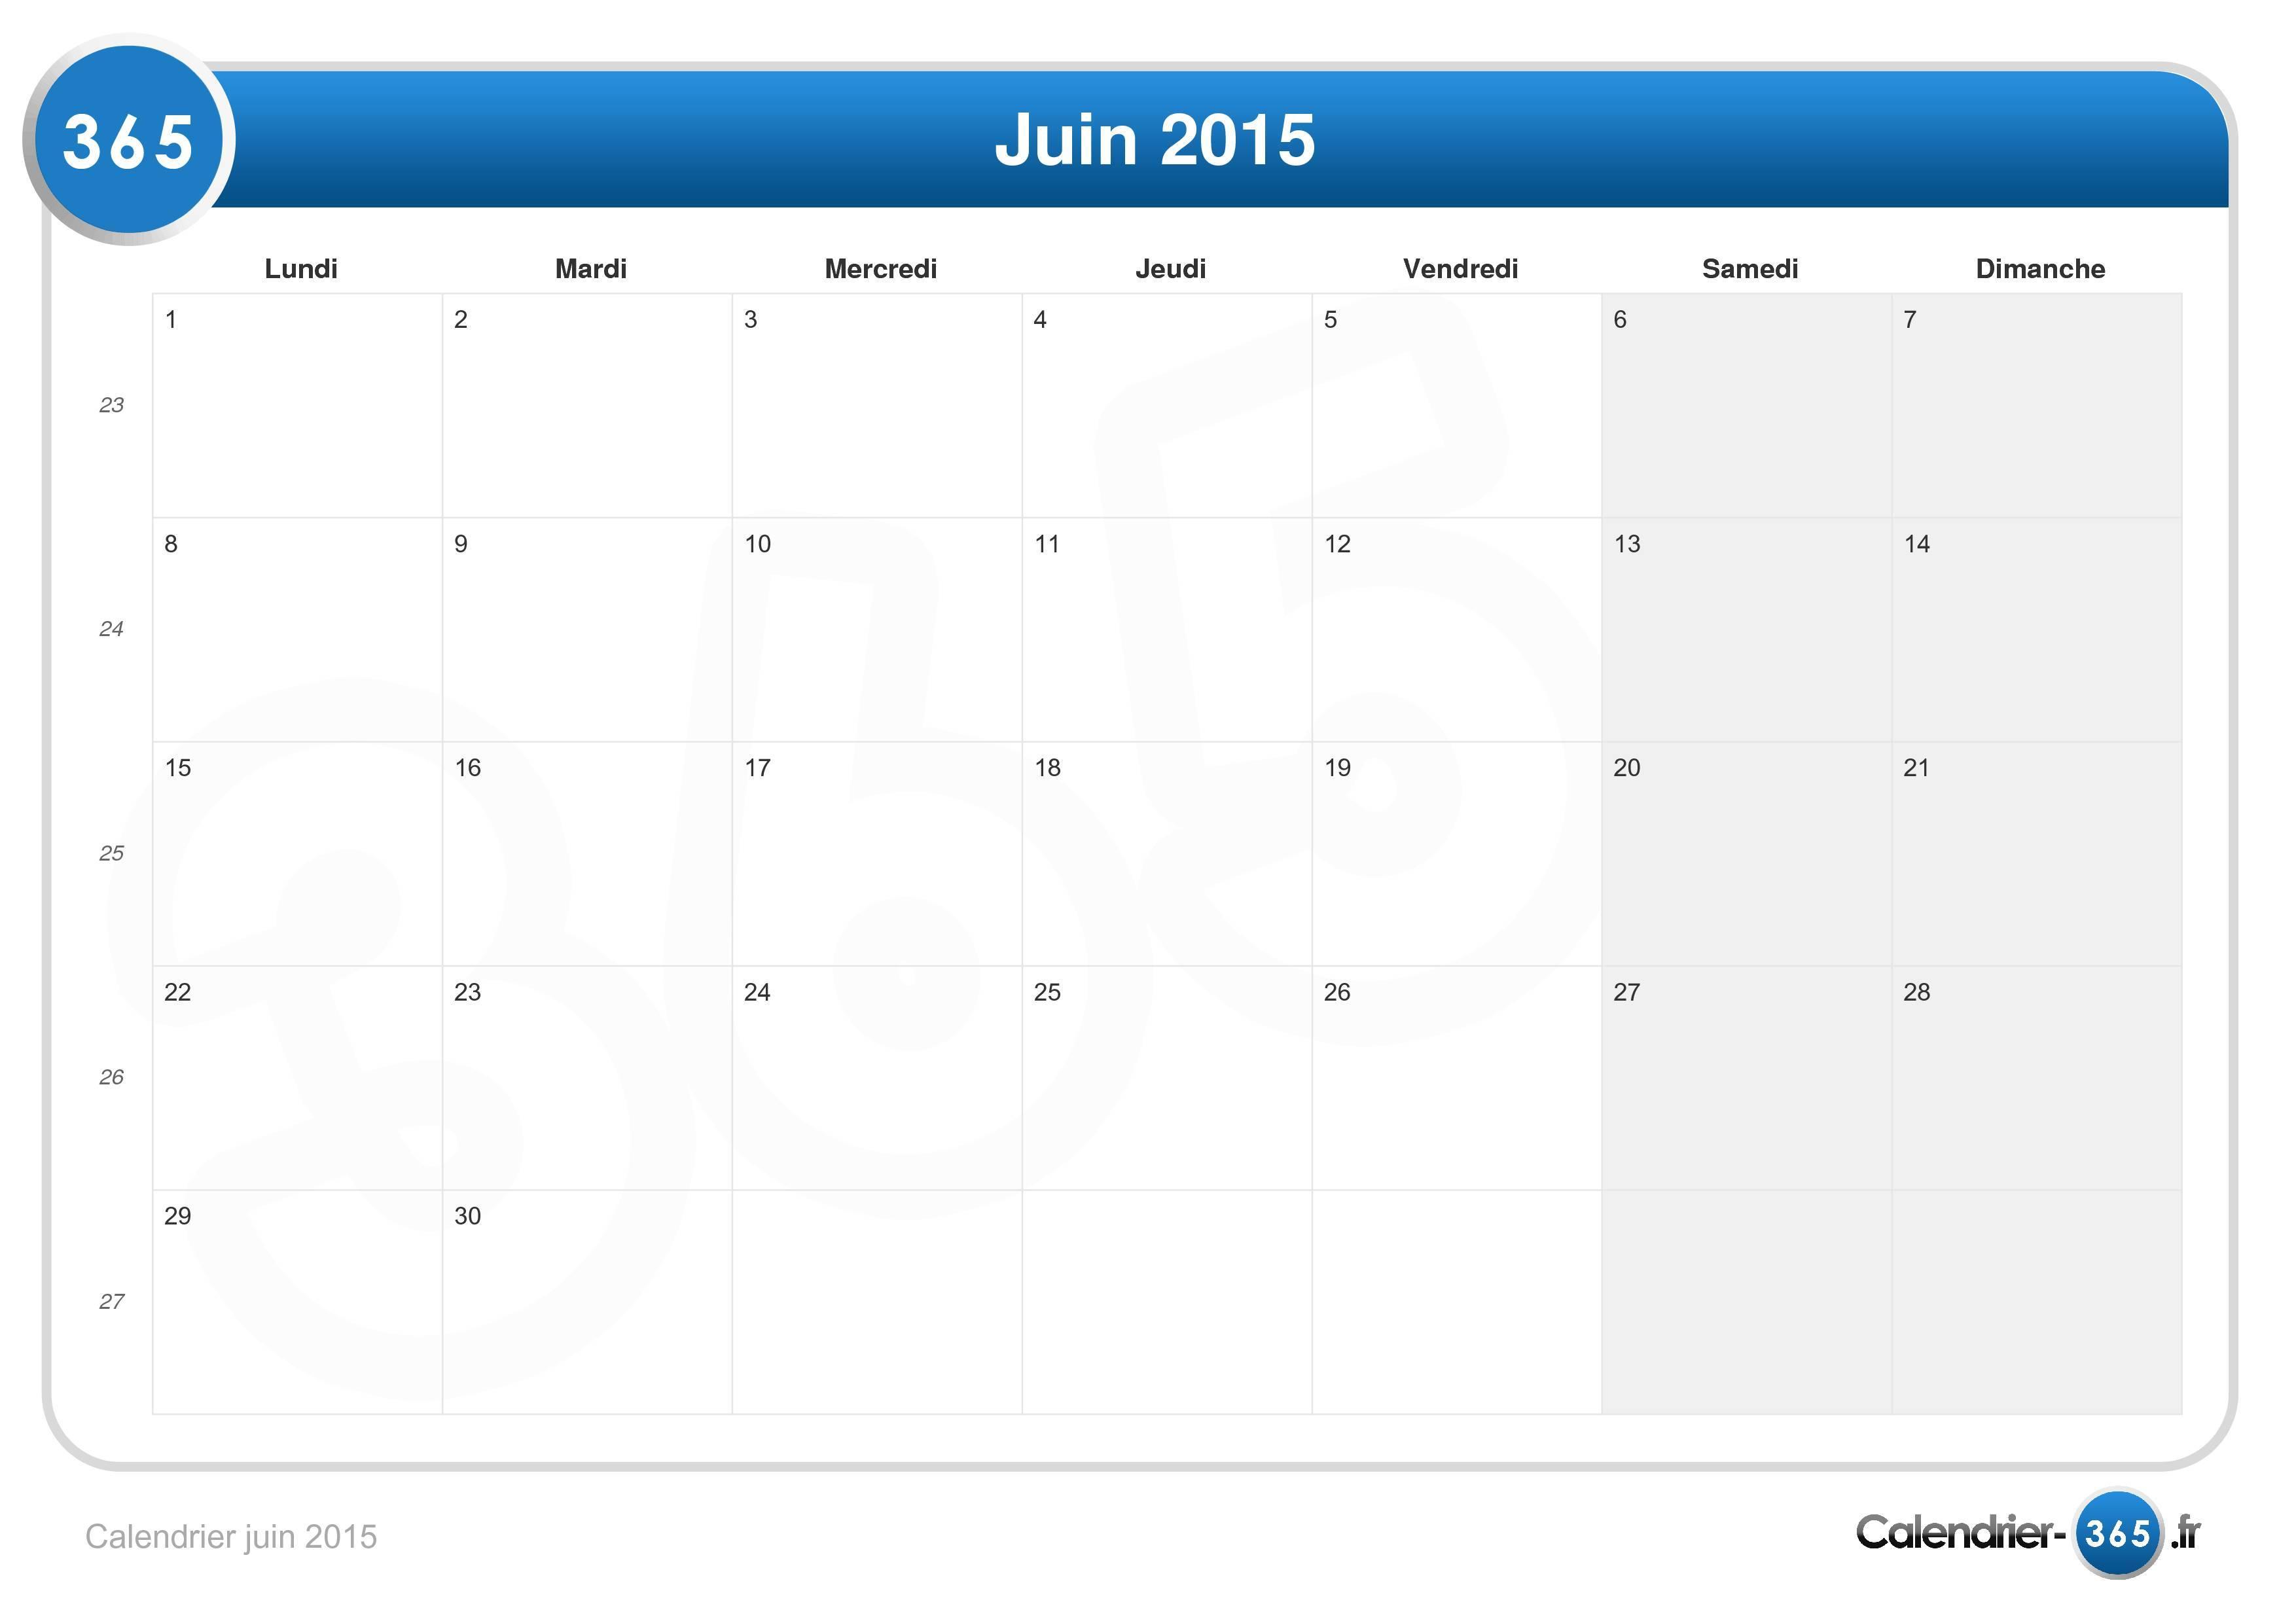 Calendrier juin 2015 for Calendrier jardin juin 2015